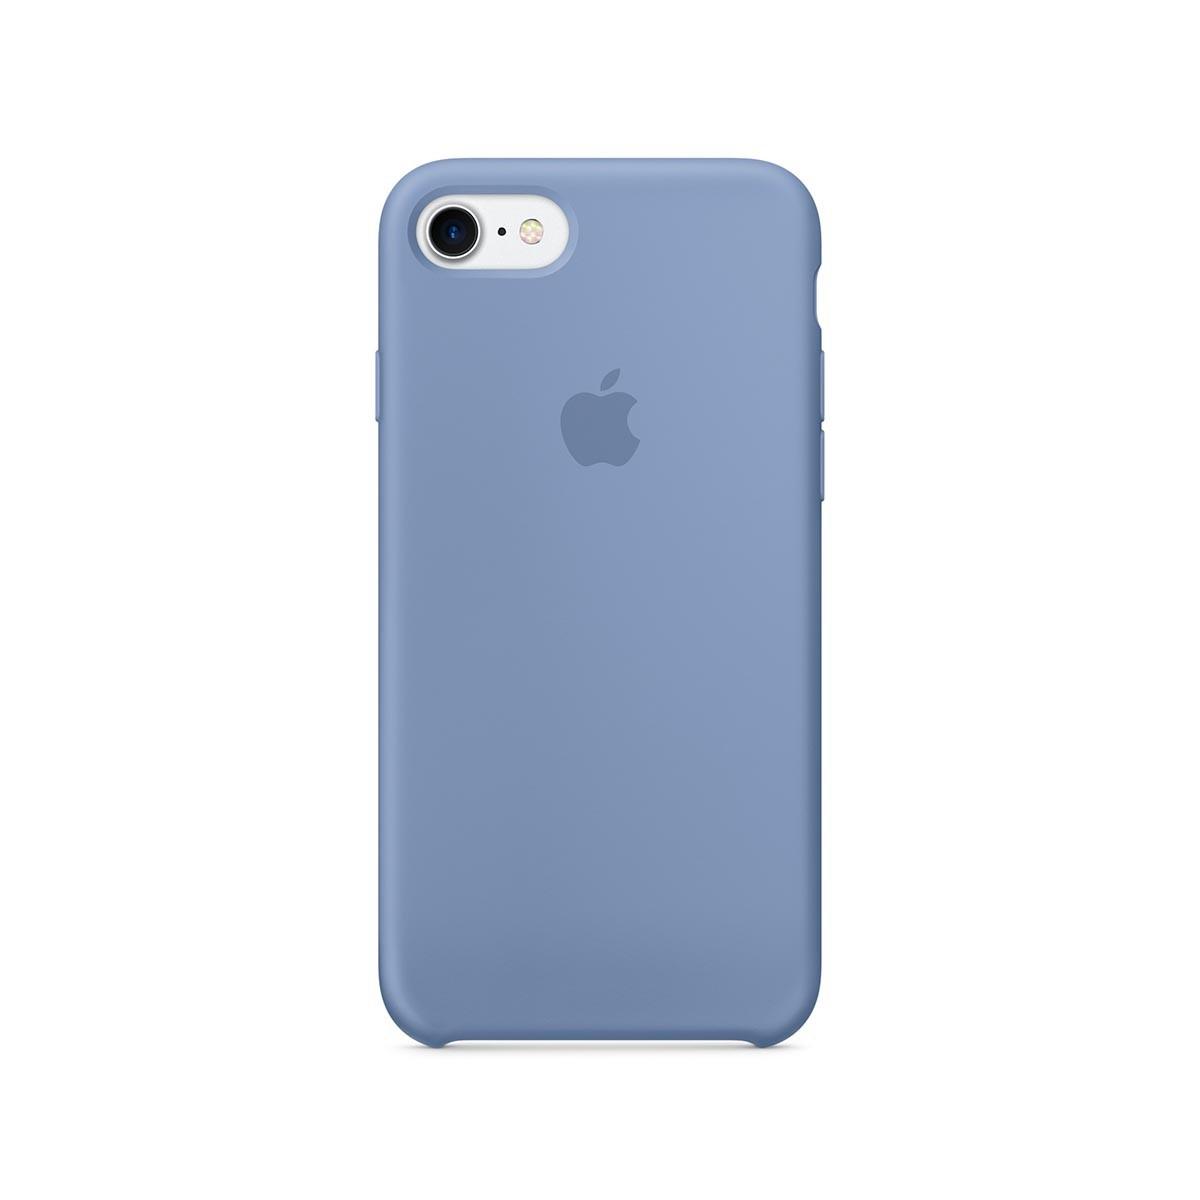 Apple silikonový kryt na iPhone 7 – blankytný